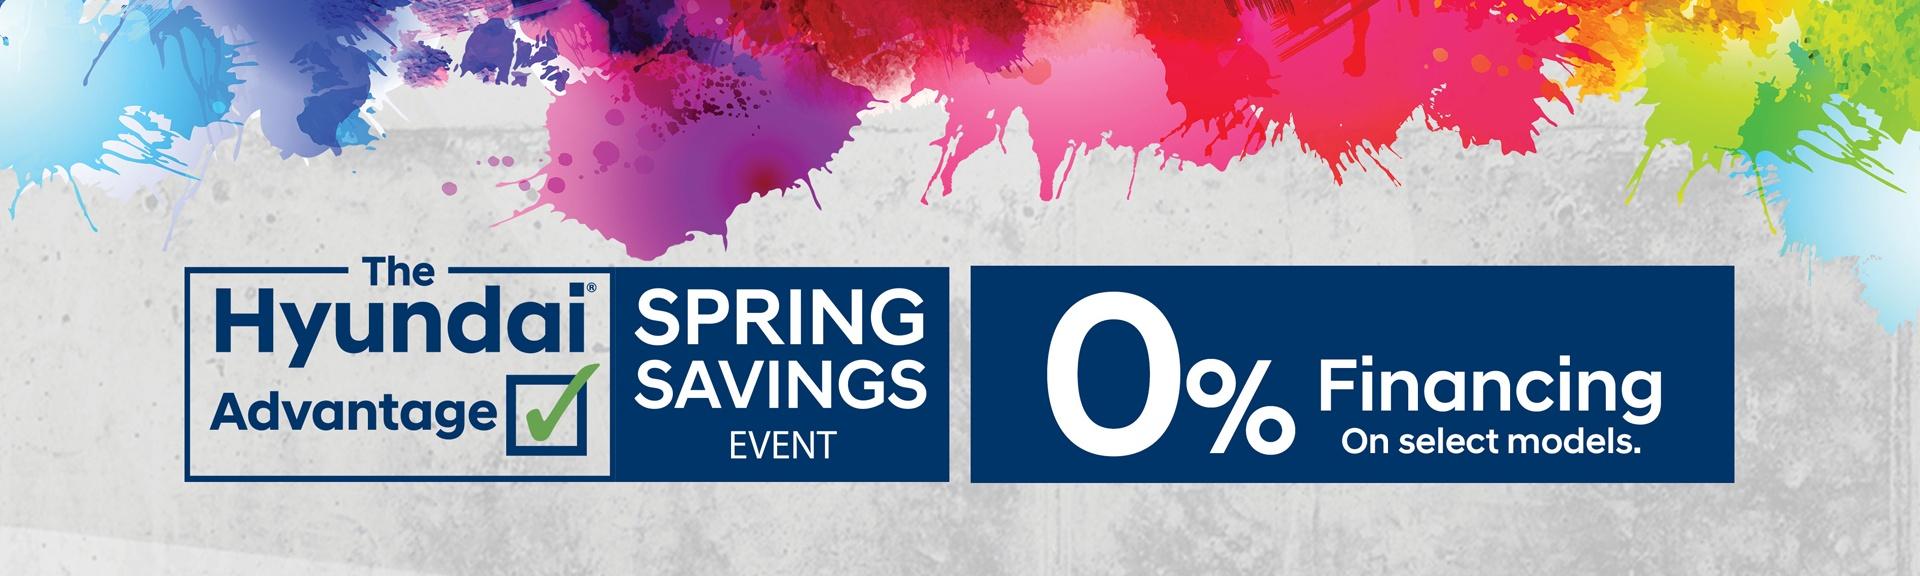 Spring Savings Event